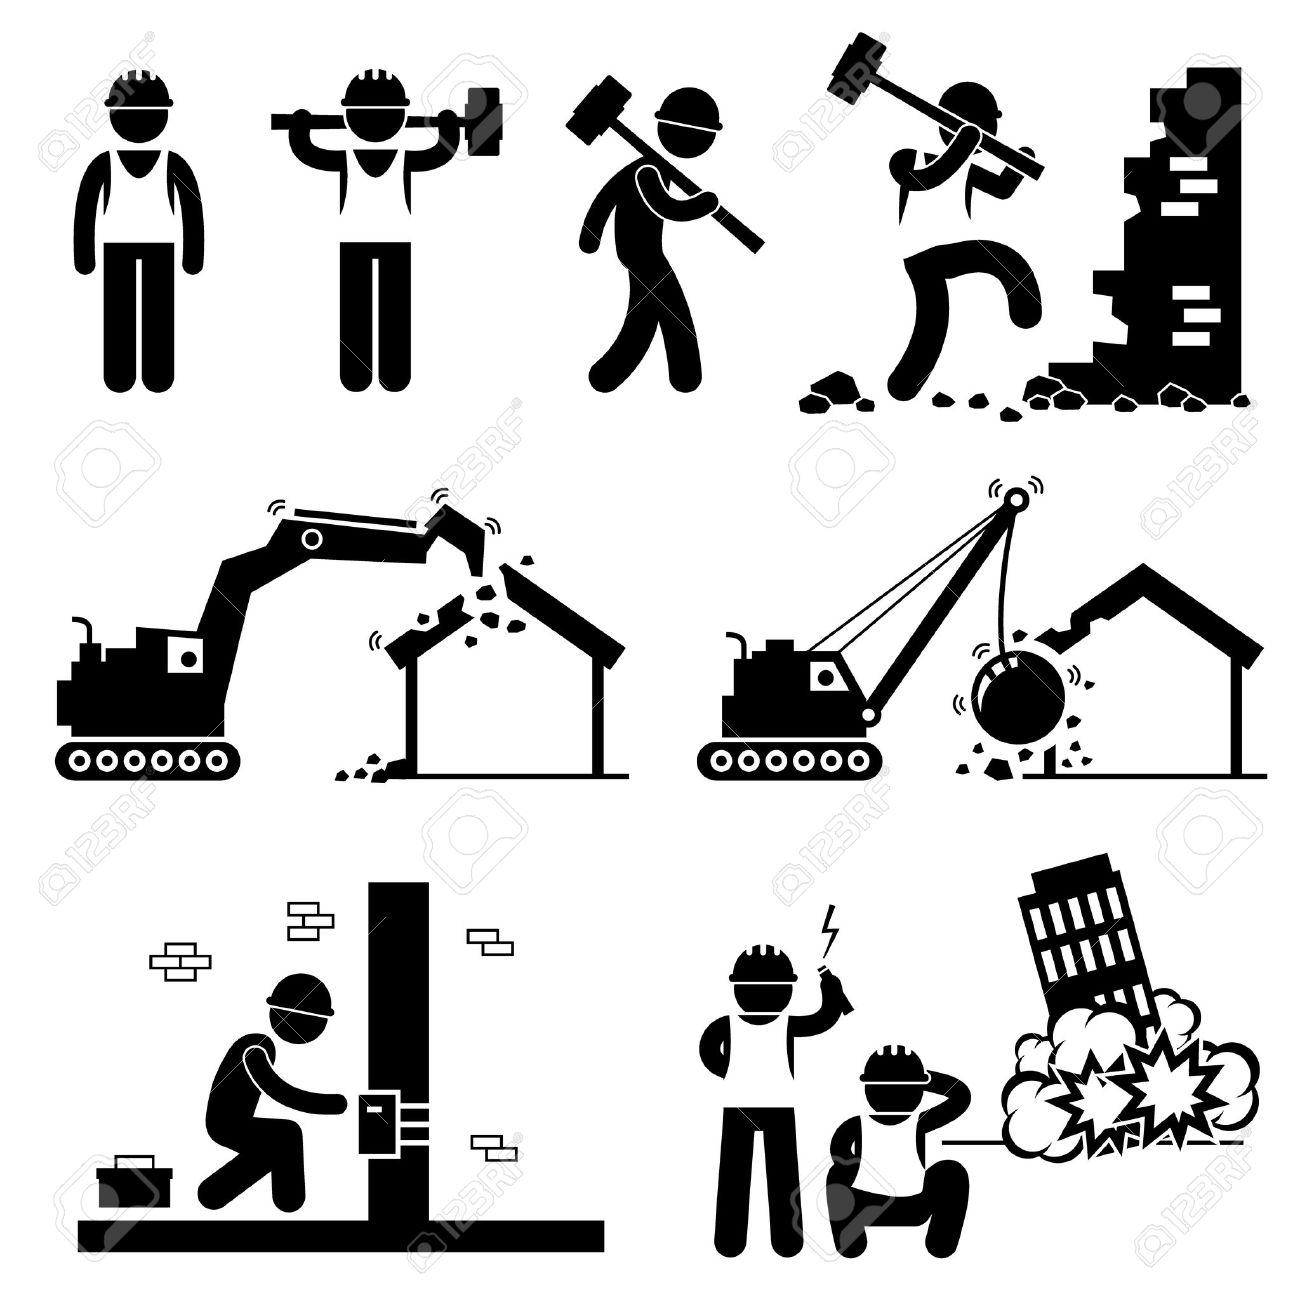 Bauarbeiter clipart schwarz weiß  Abbrucharbeiter Demolish Gebäude Strichmännchen-Icon-Piktogramm ...